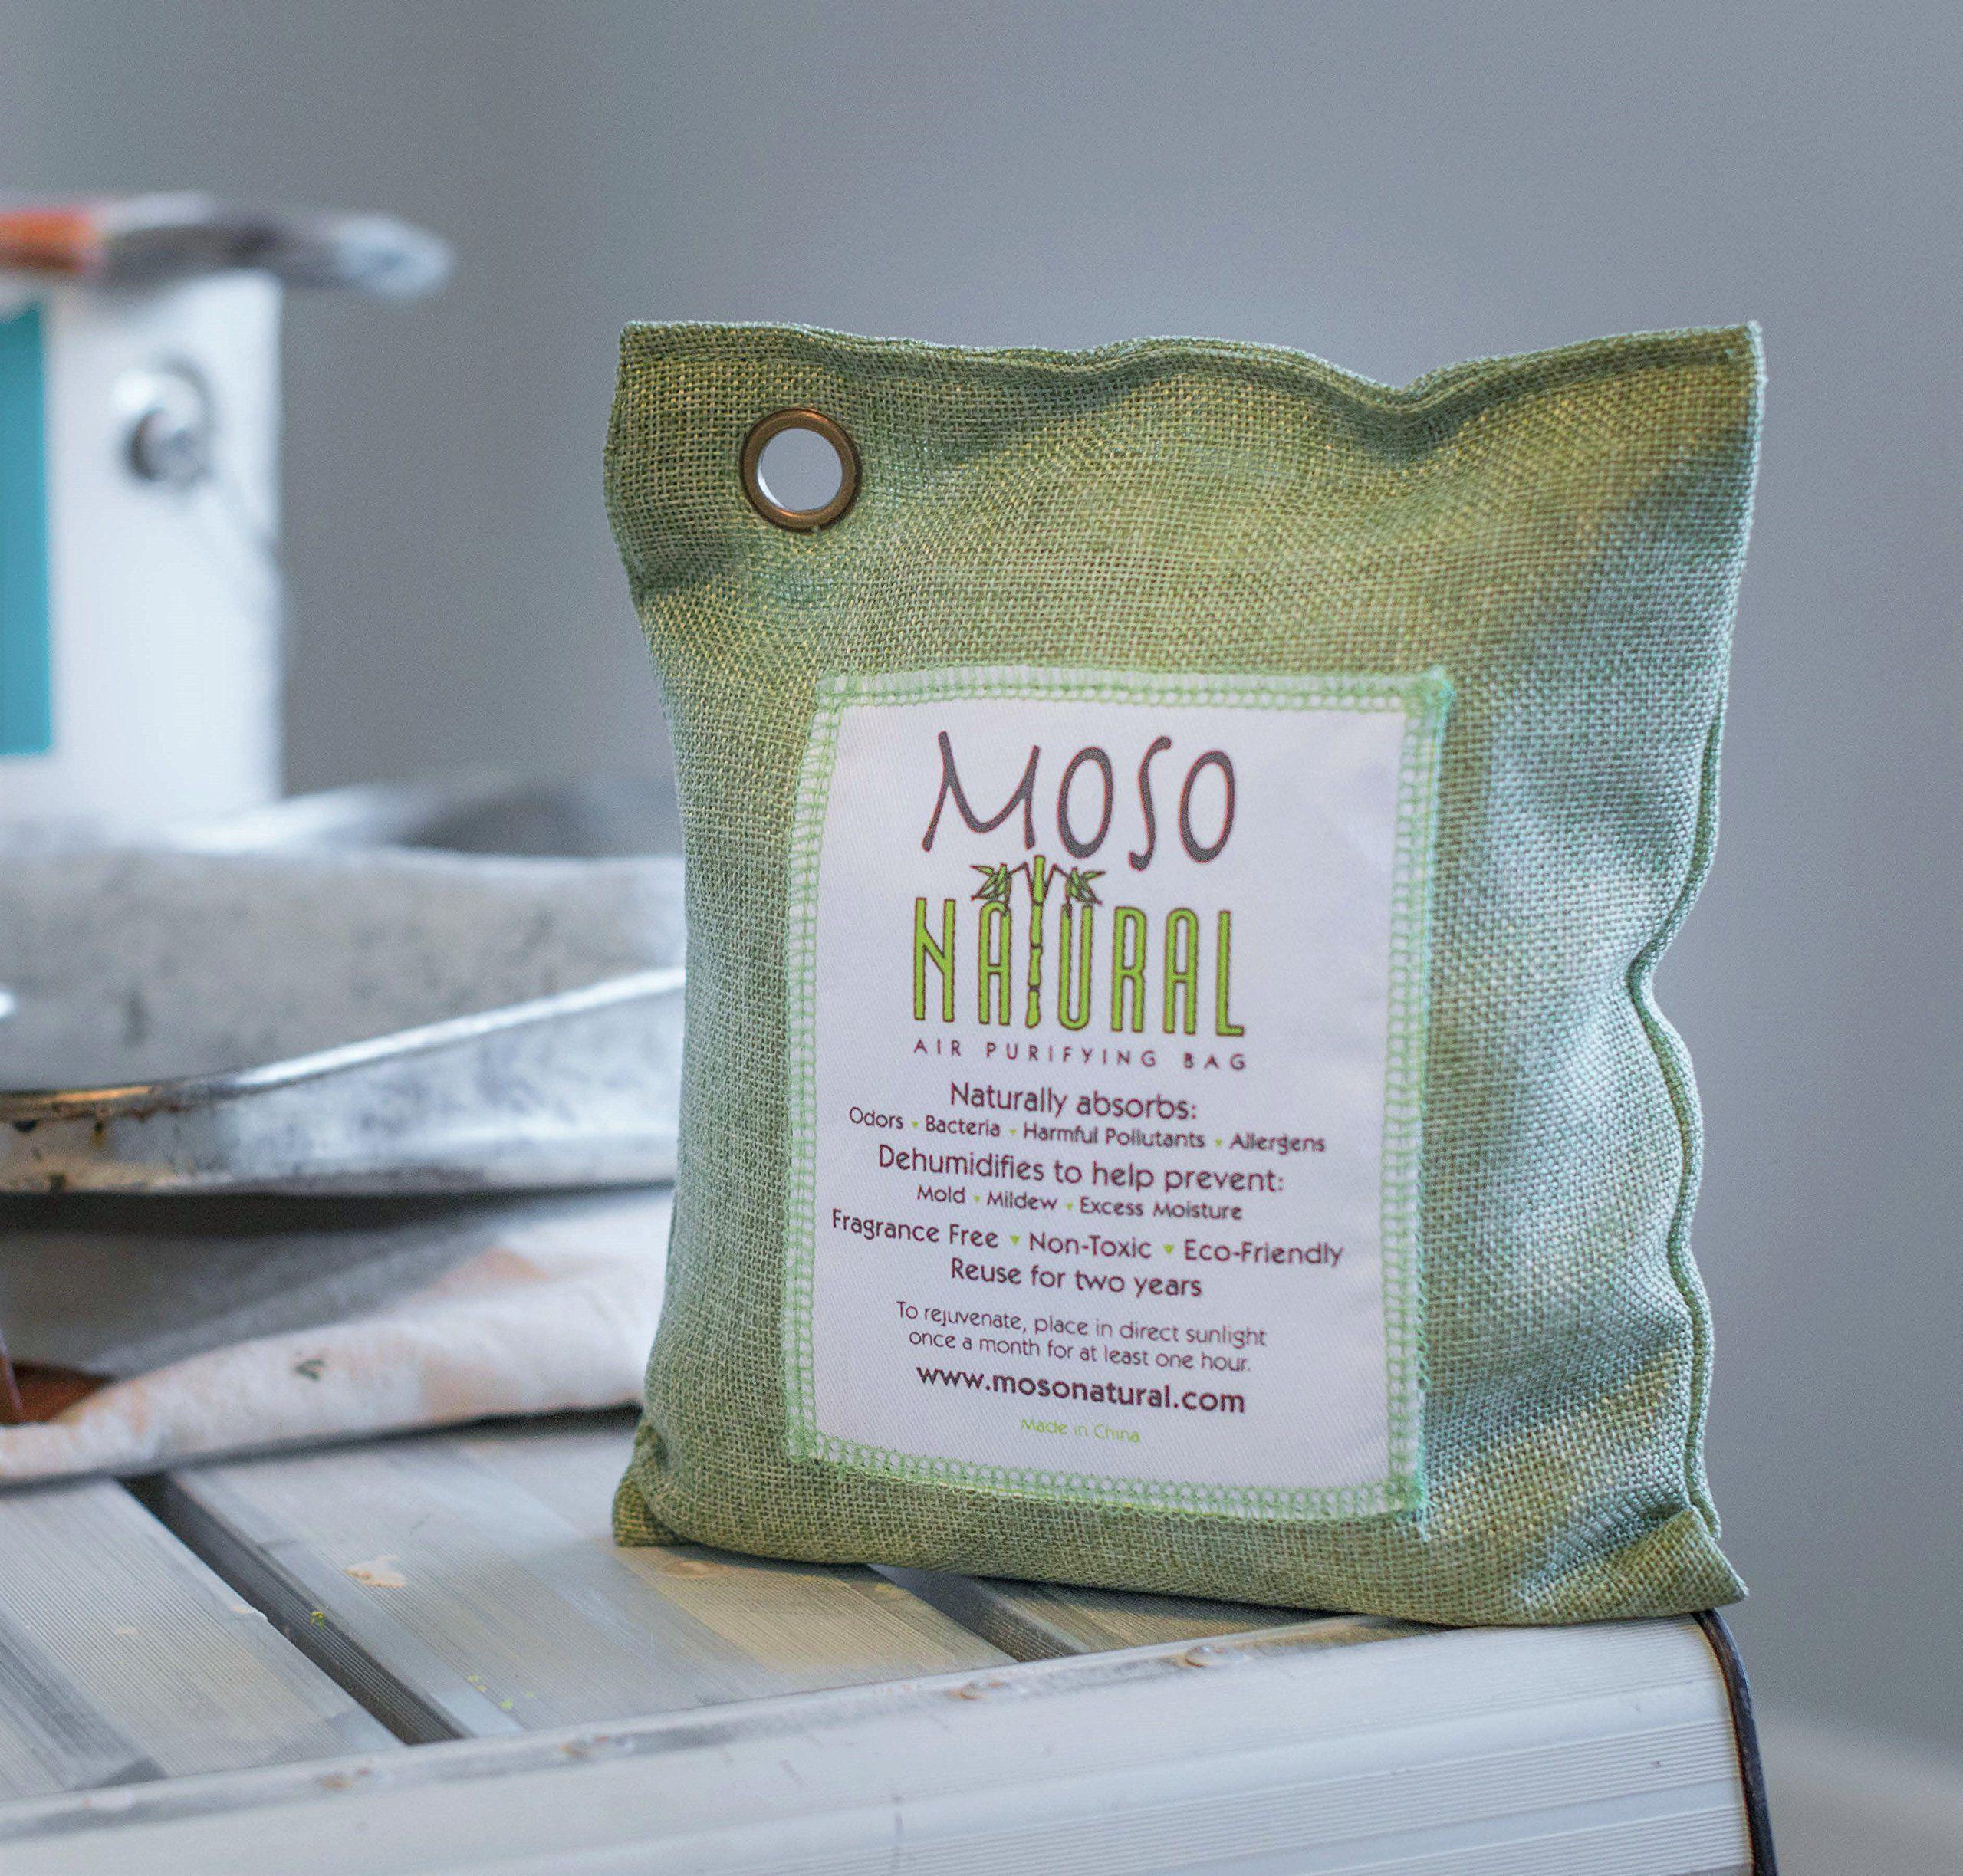 Moso Natural Air Purifying Bag 500Grams. Natural Odor